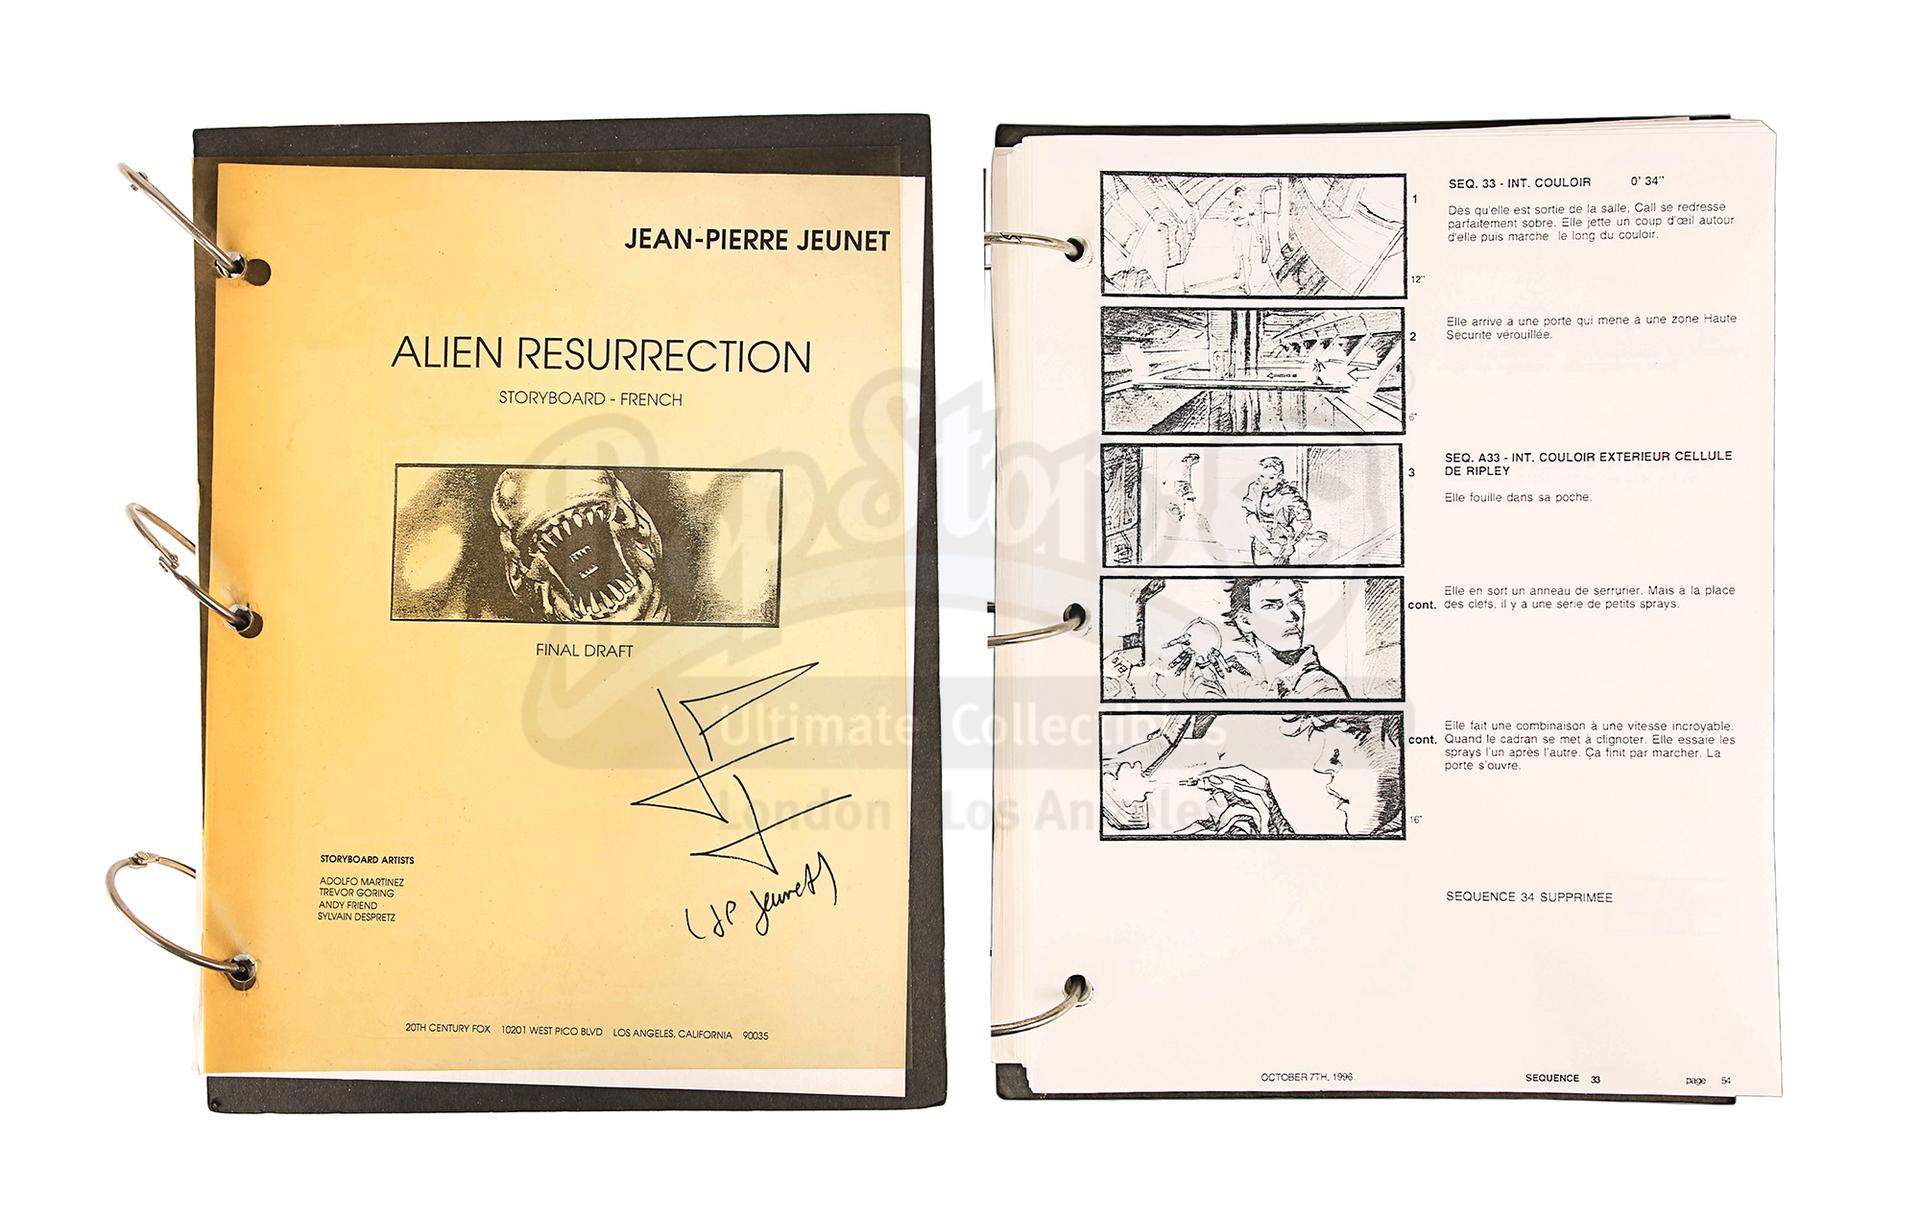 ALIEN RESURRECTION (1997) - Jean-Pierre Jeunet's Personal Storyboard Binder